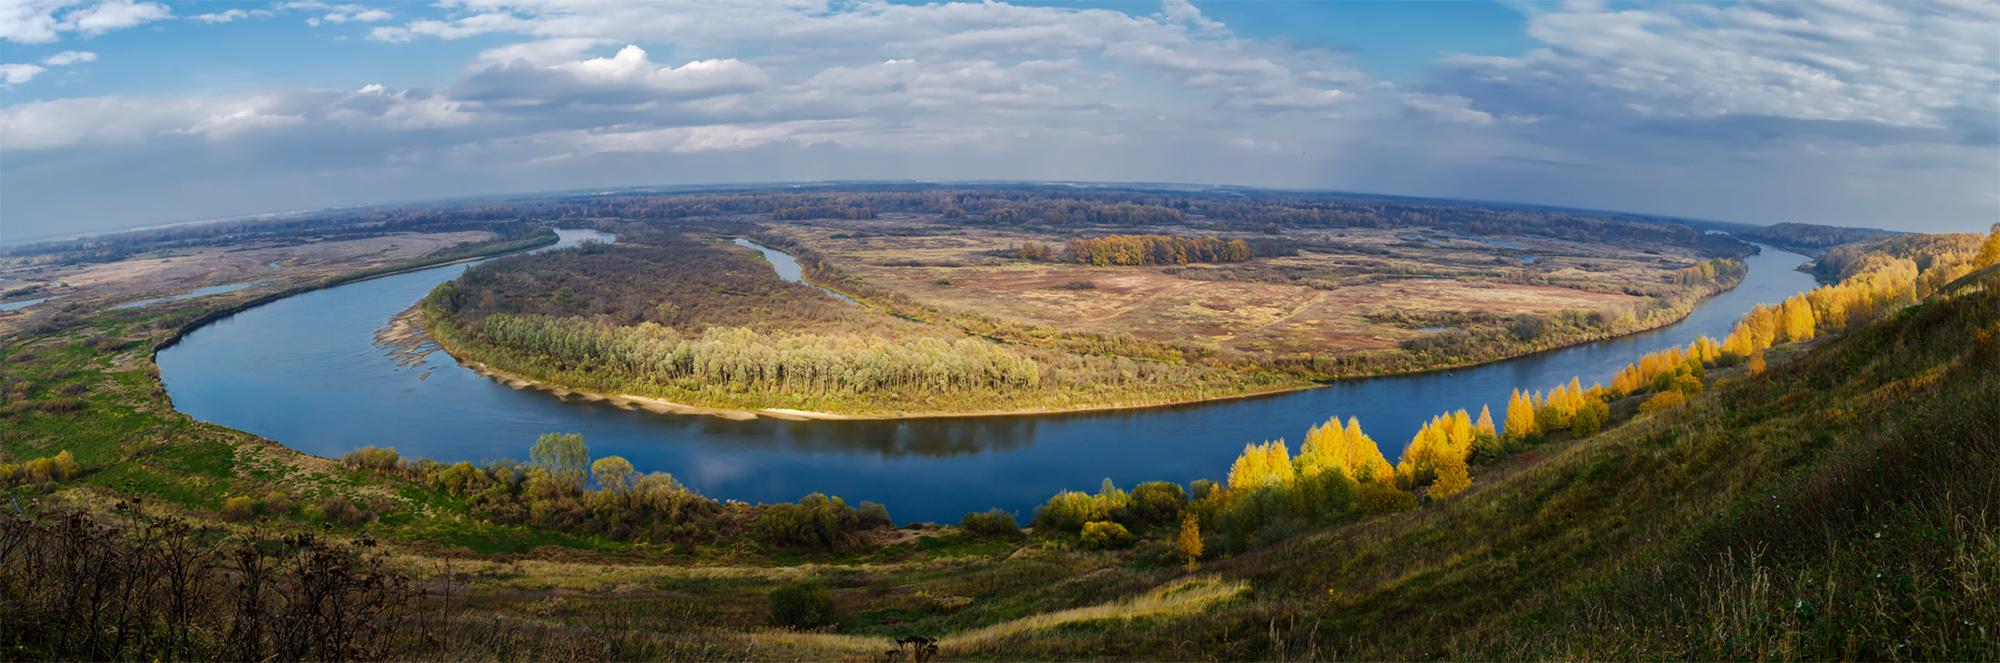 Владимирская область. г.Вязники, река Клязьма. Панорама